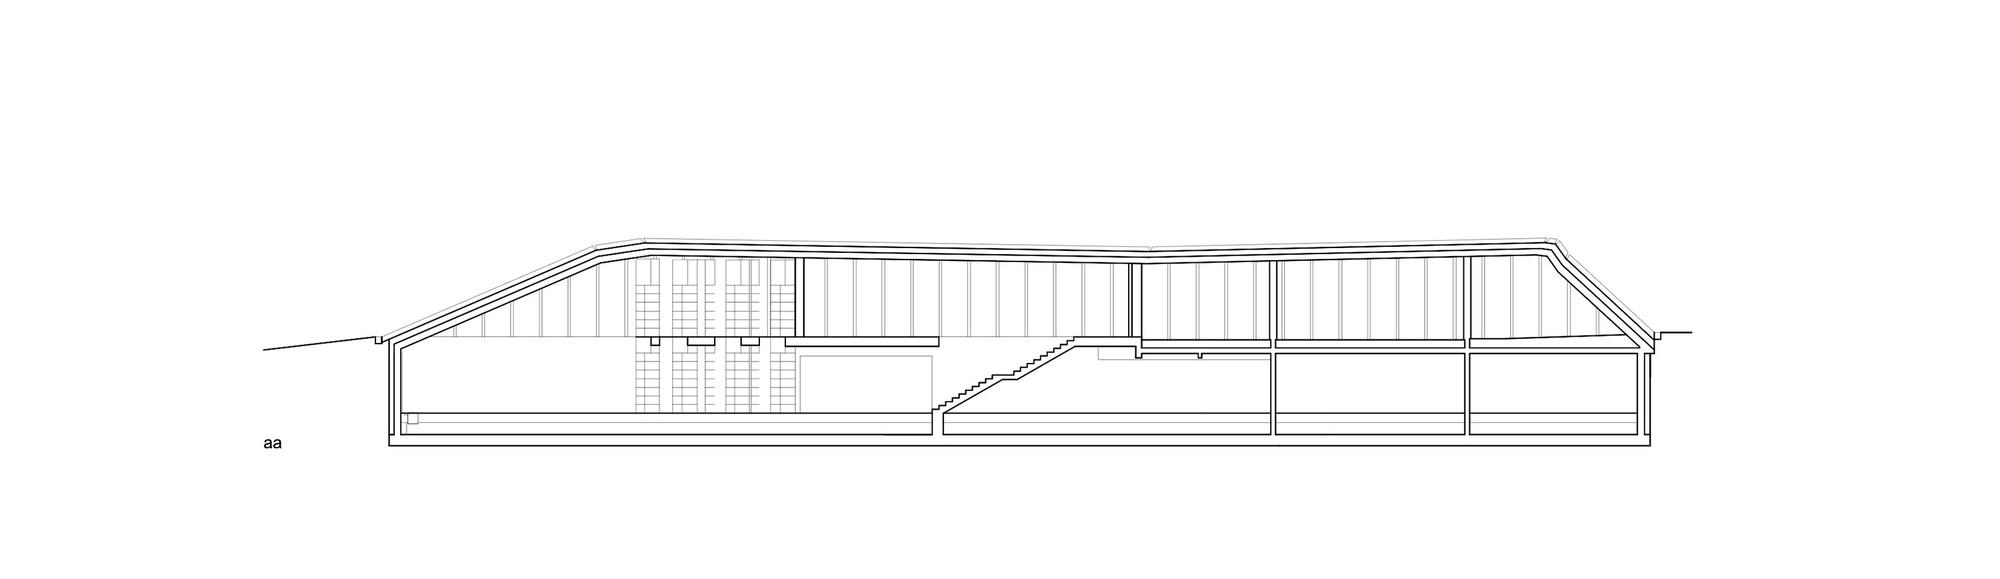 Section_AA.jpg